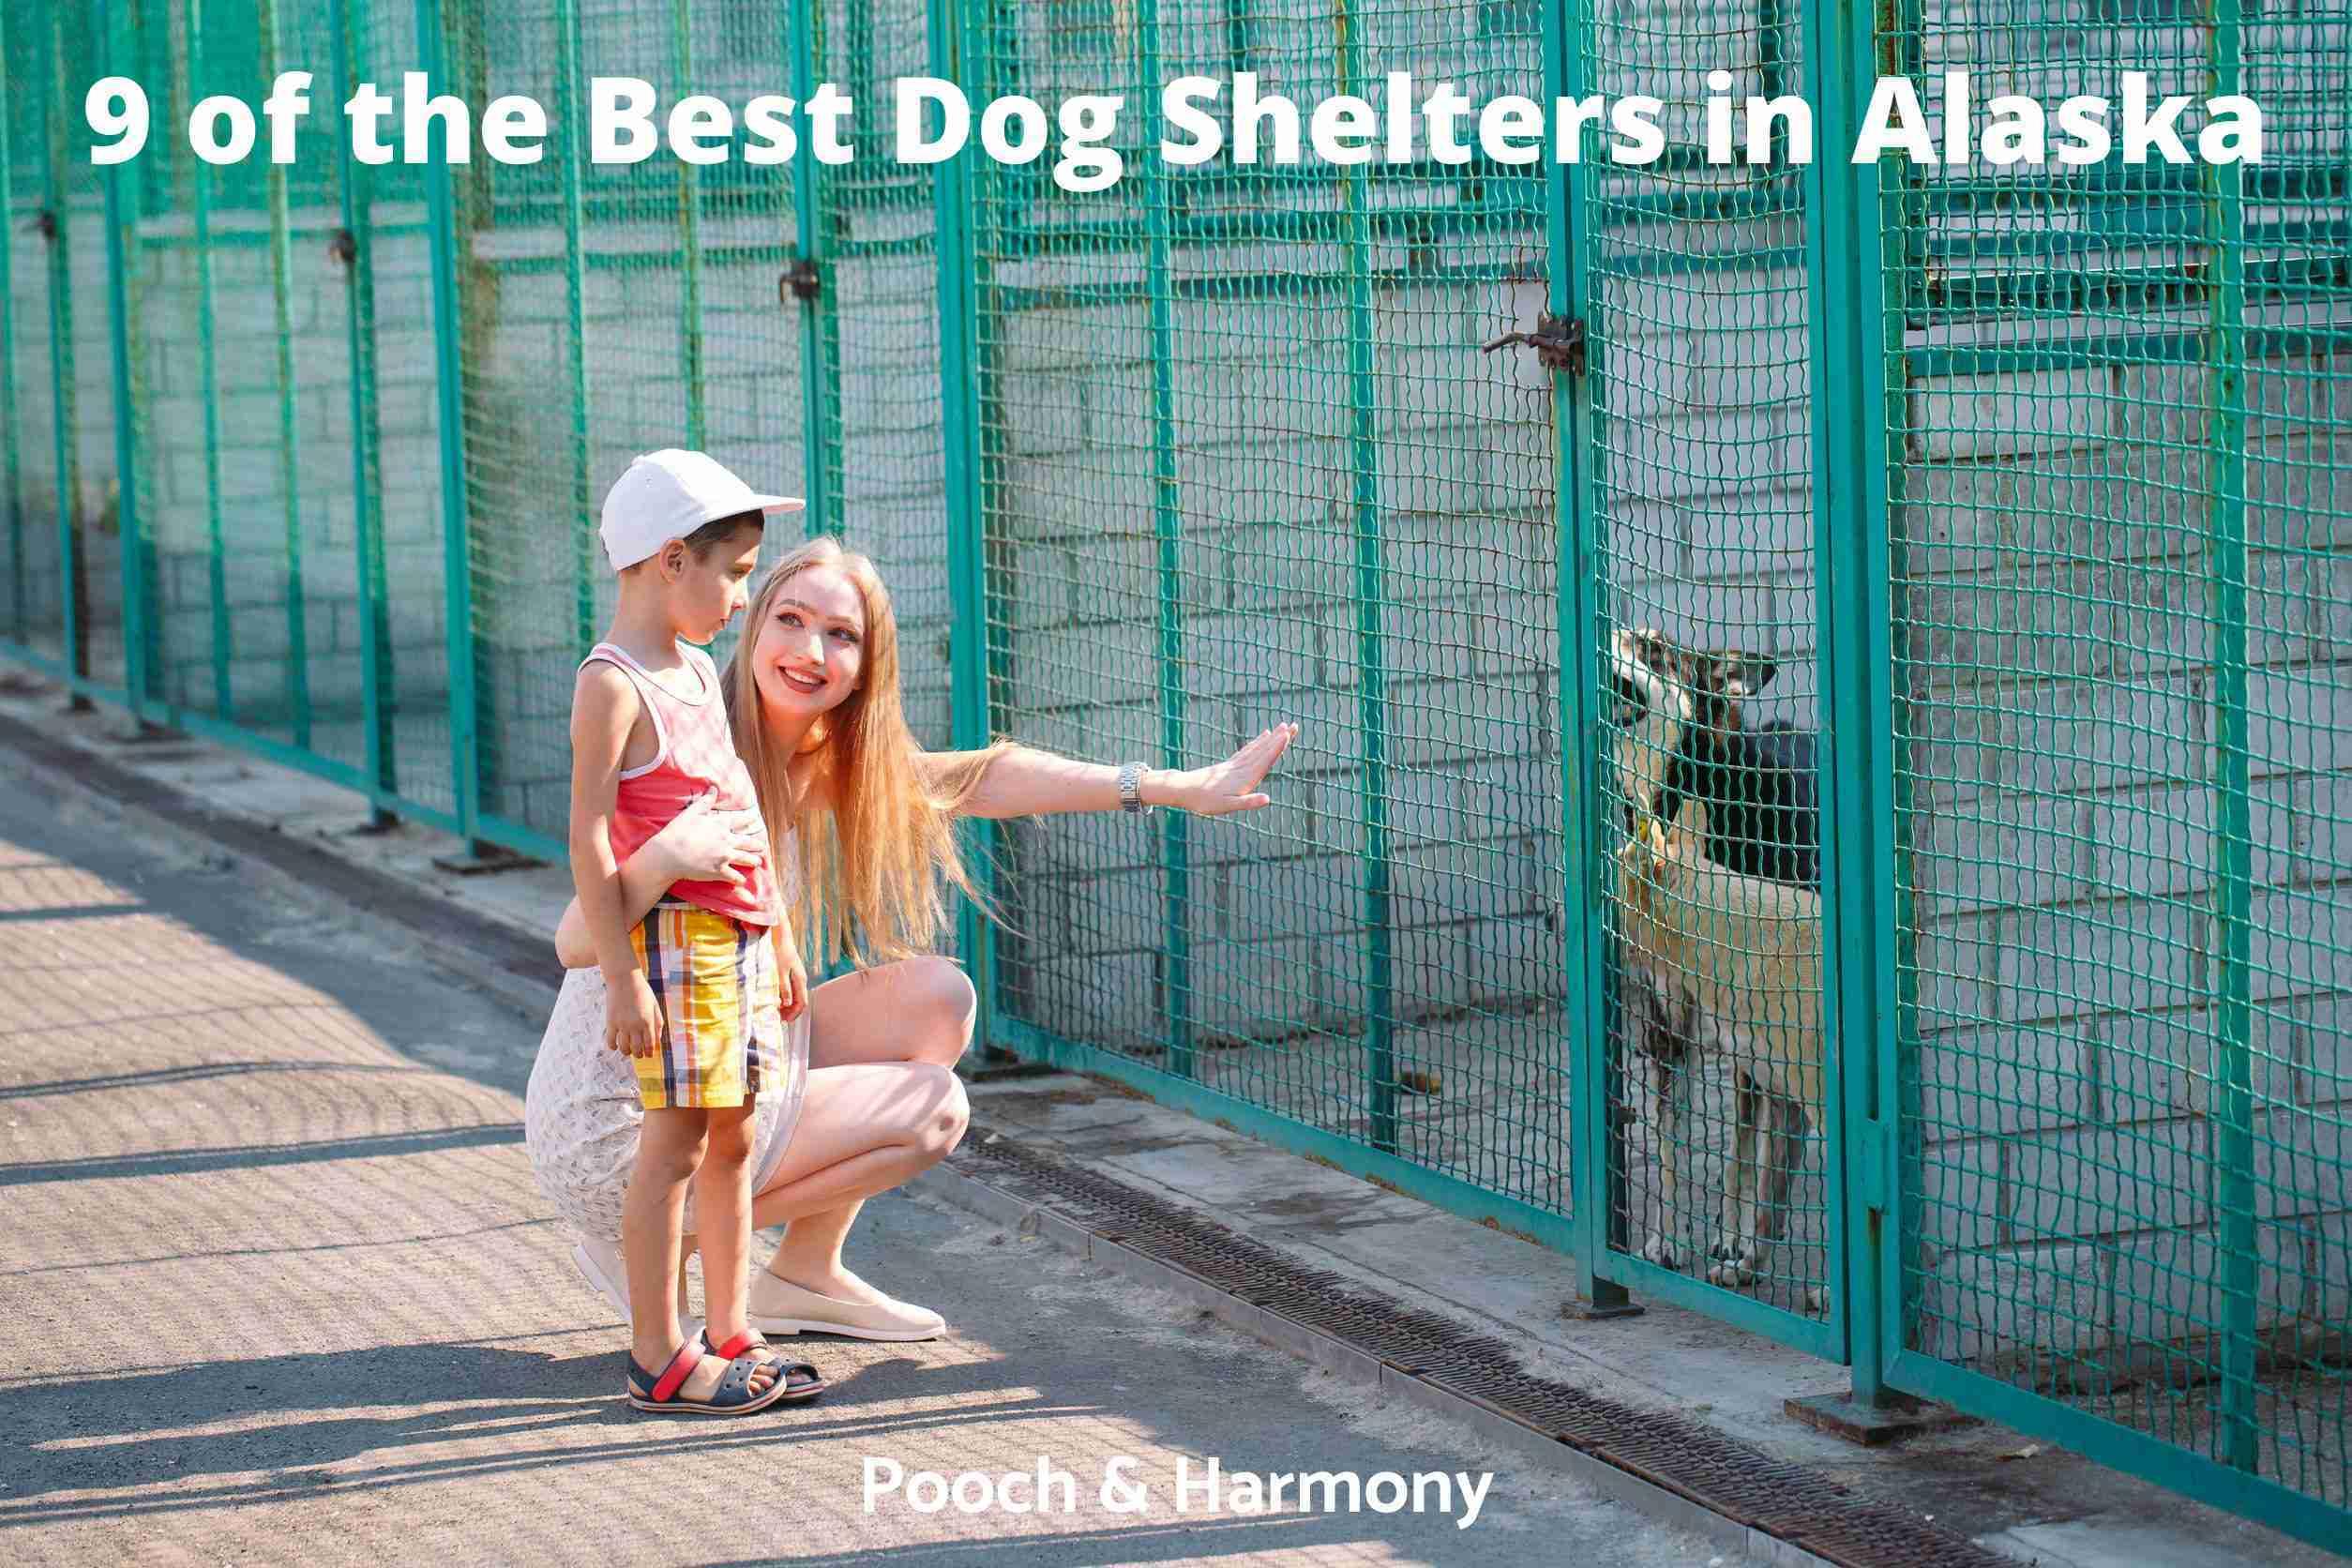 Best Dog Shelters in Alaska